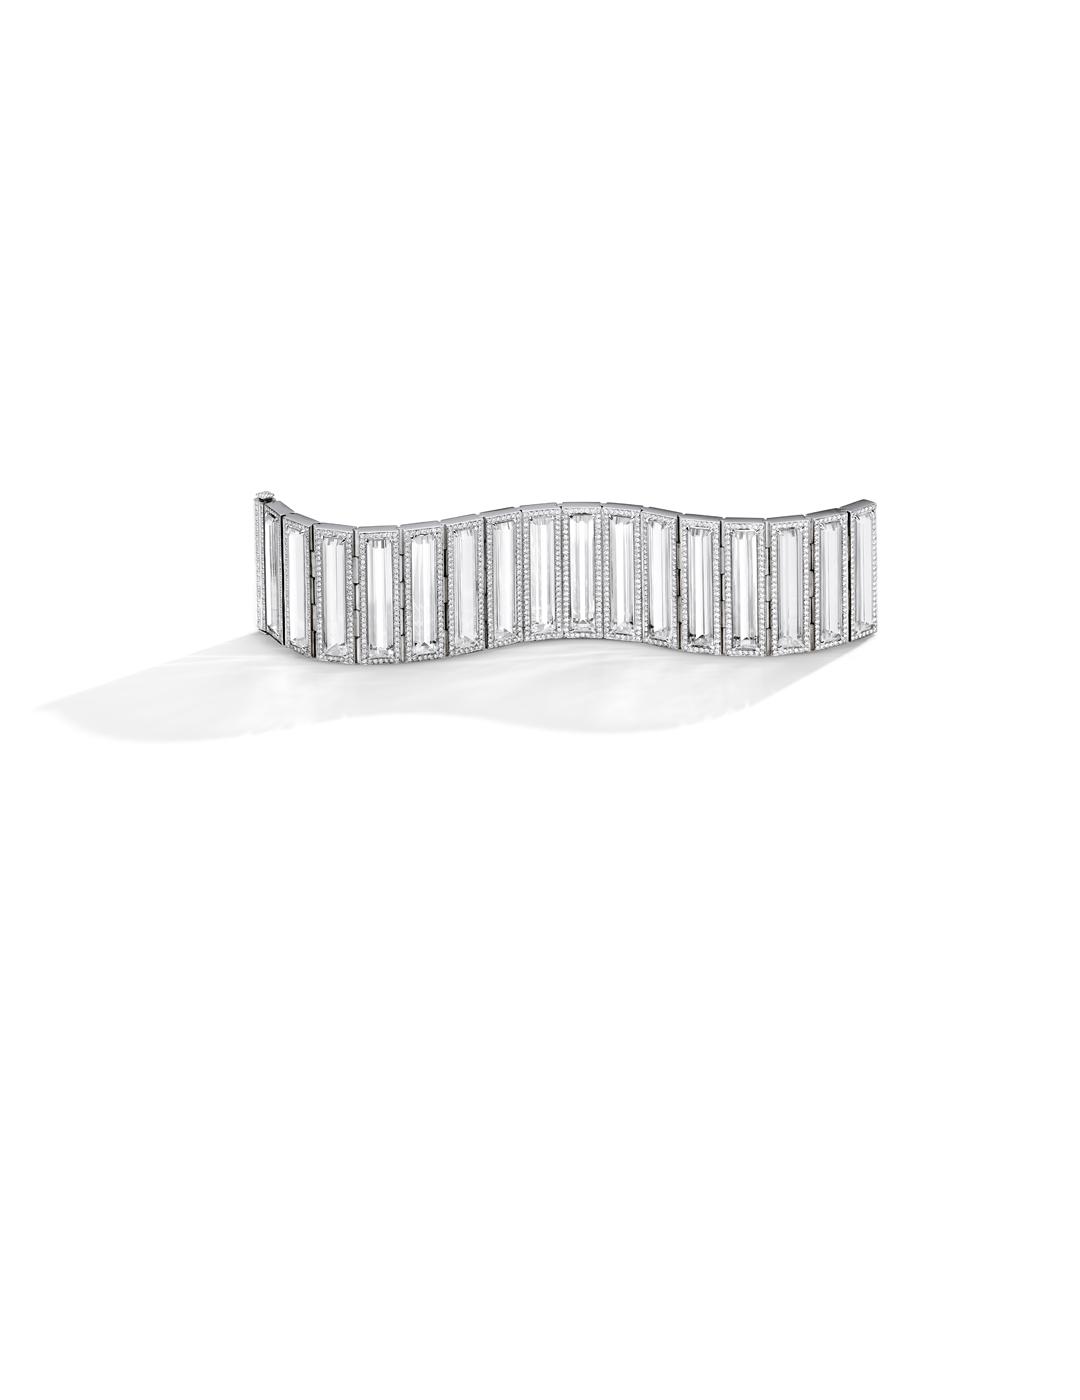 mish_jewelry_product_Raceway-WhiteTopaz-BR-2